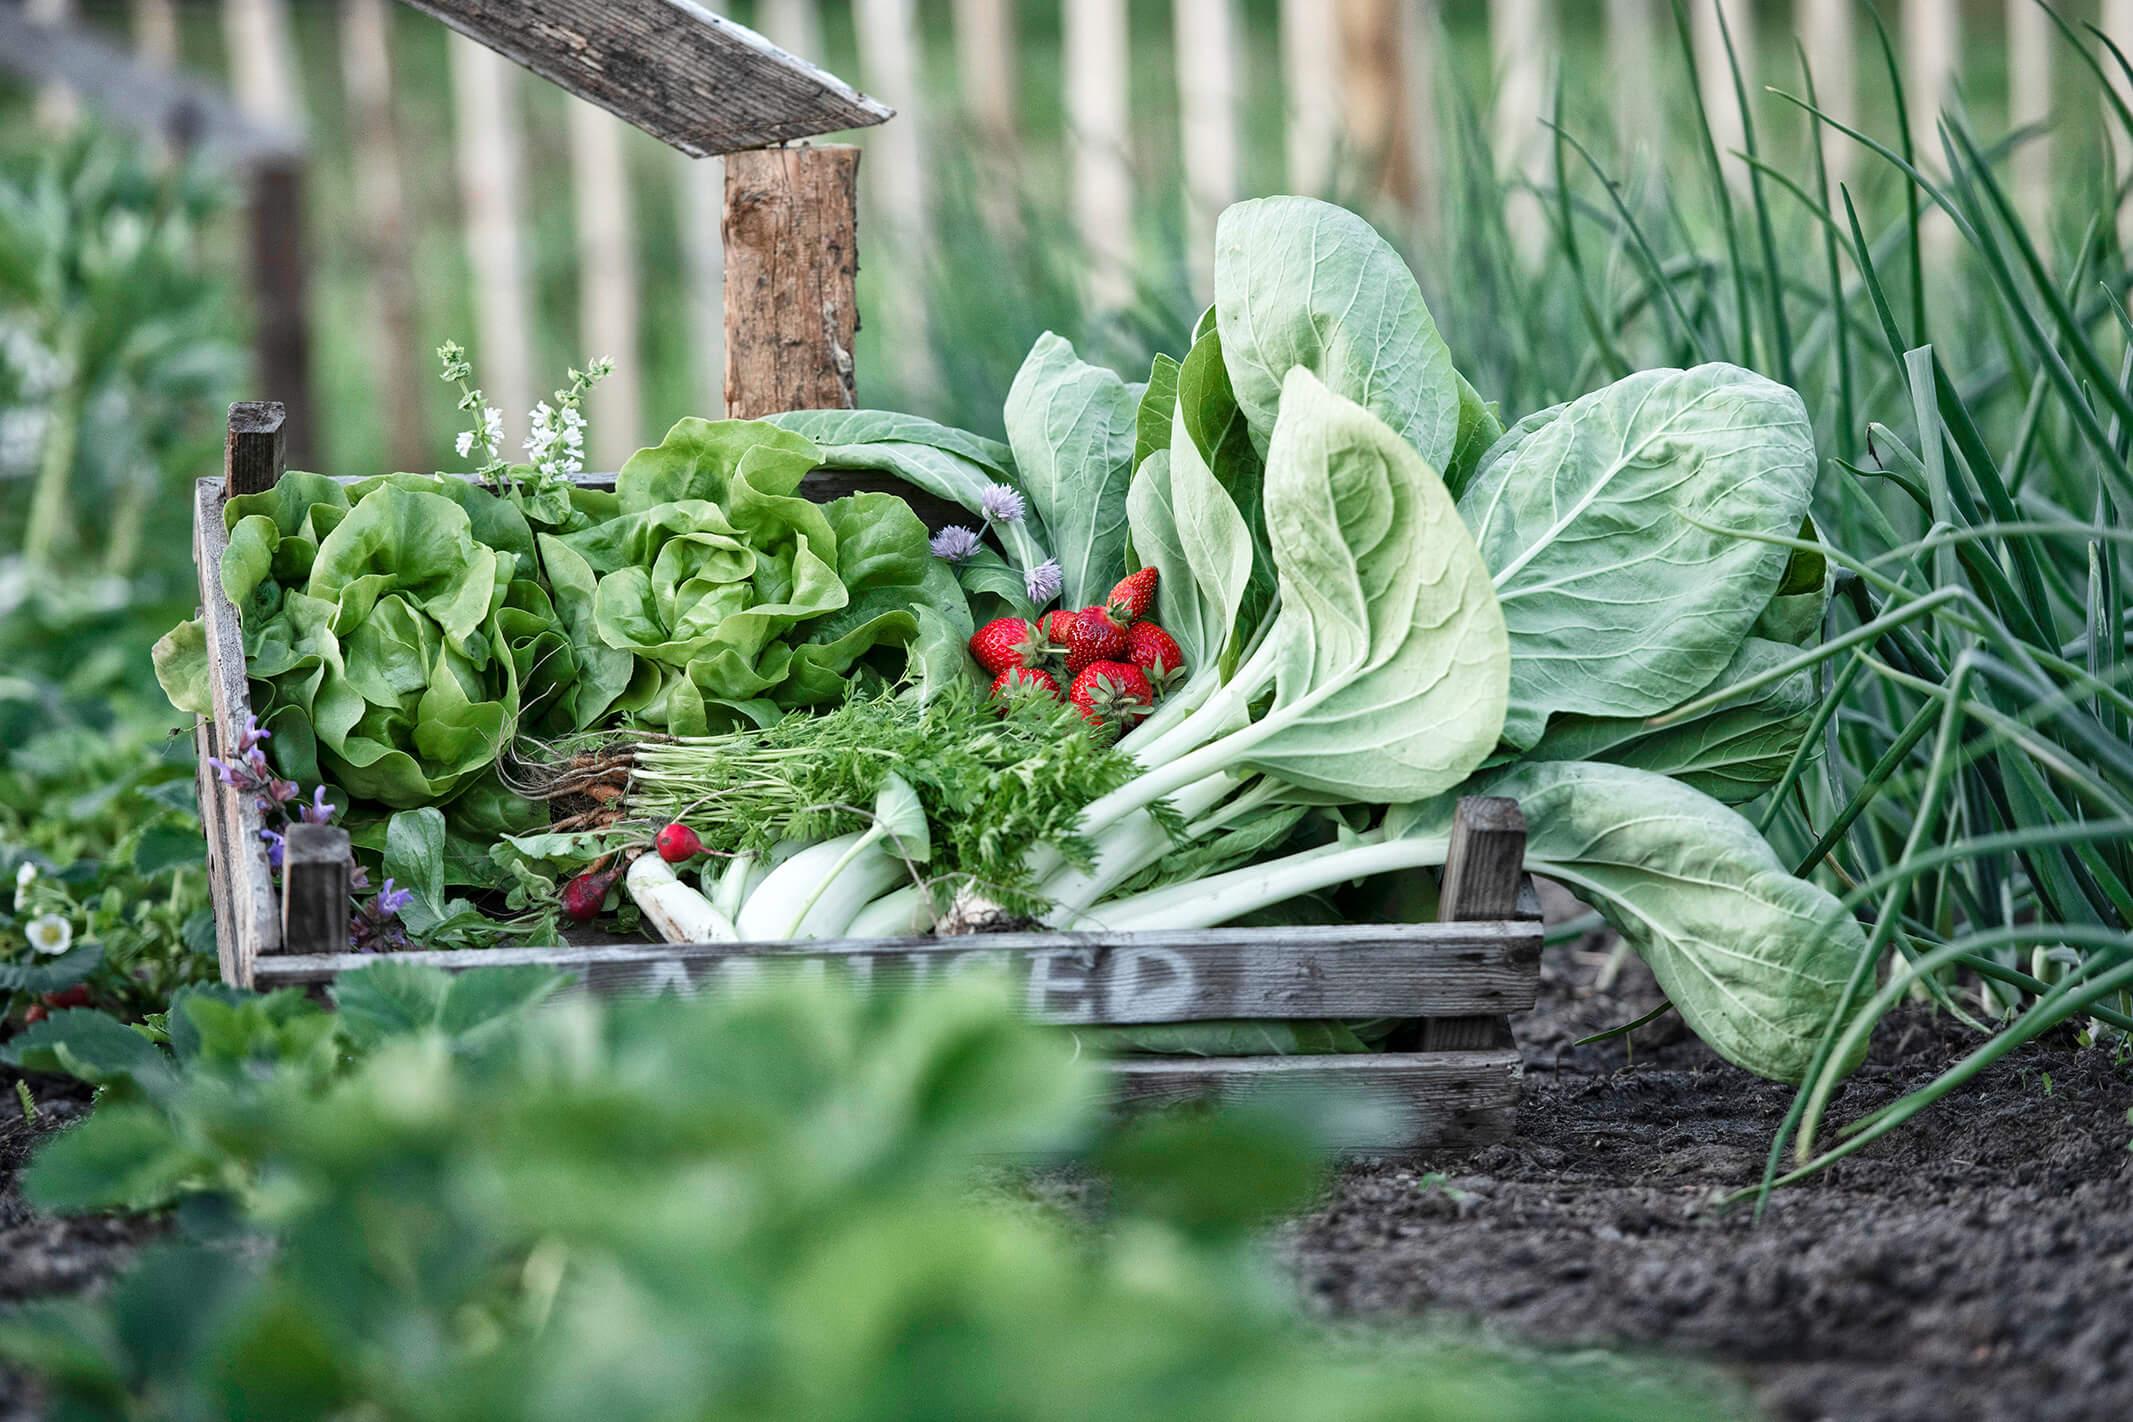 fotografie voor horeca amused biologische groentes